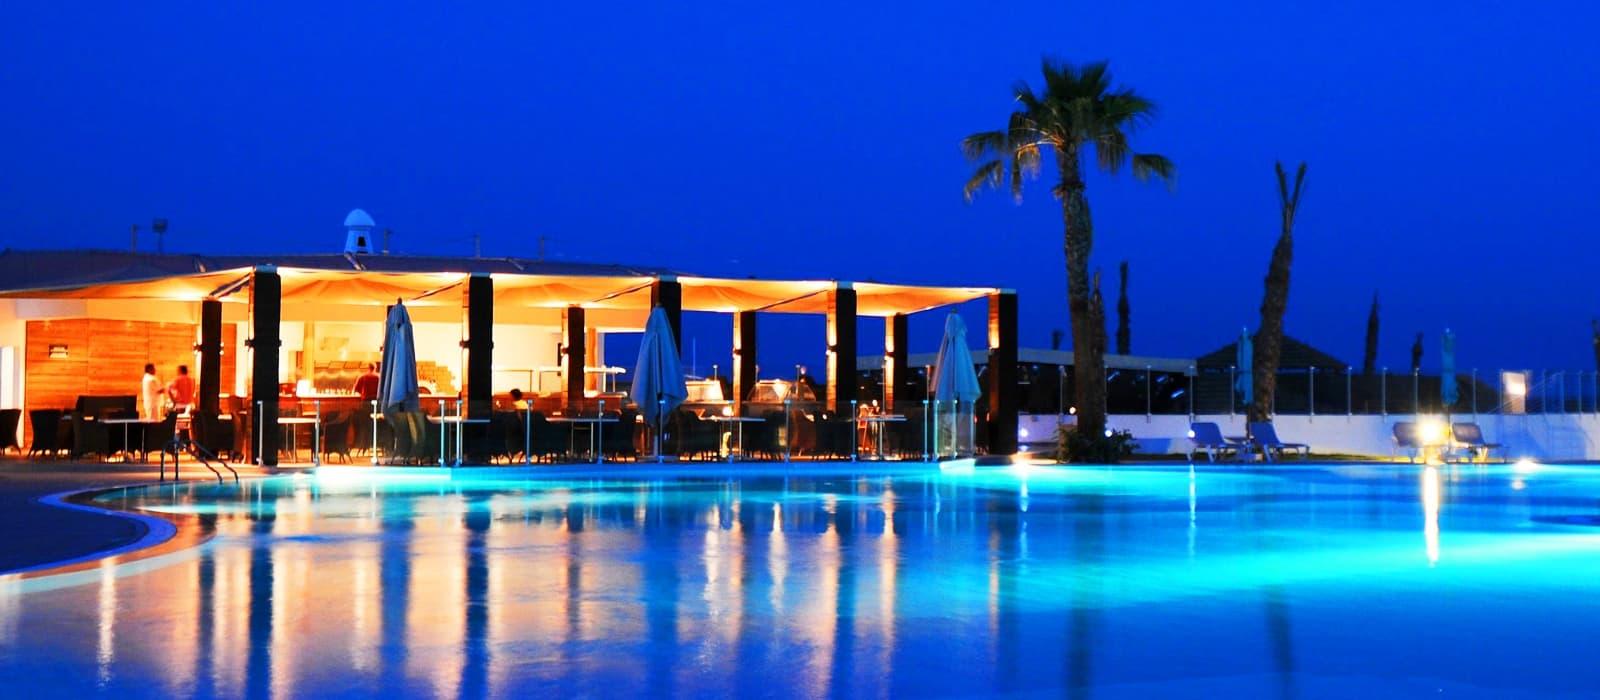 Hamammet Nozha Beach Hotel - Vincci Hoteles